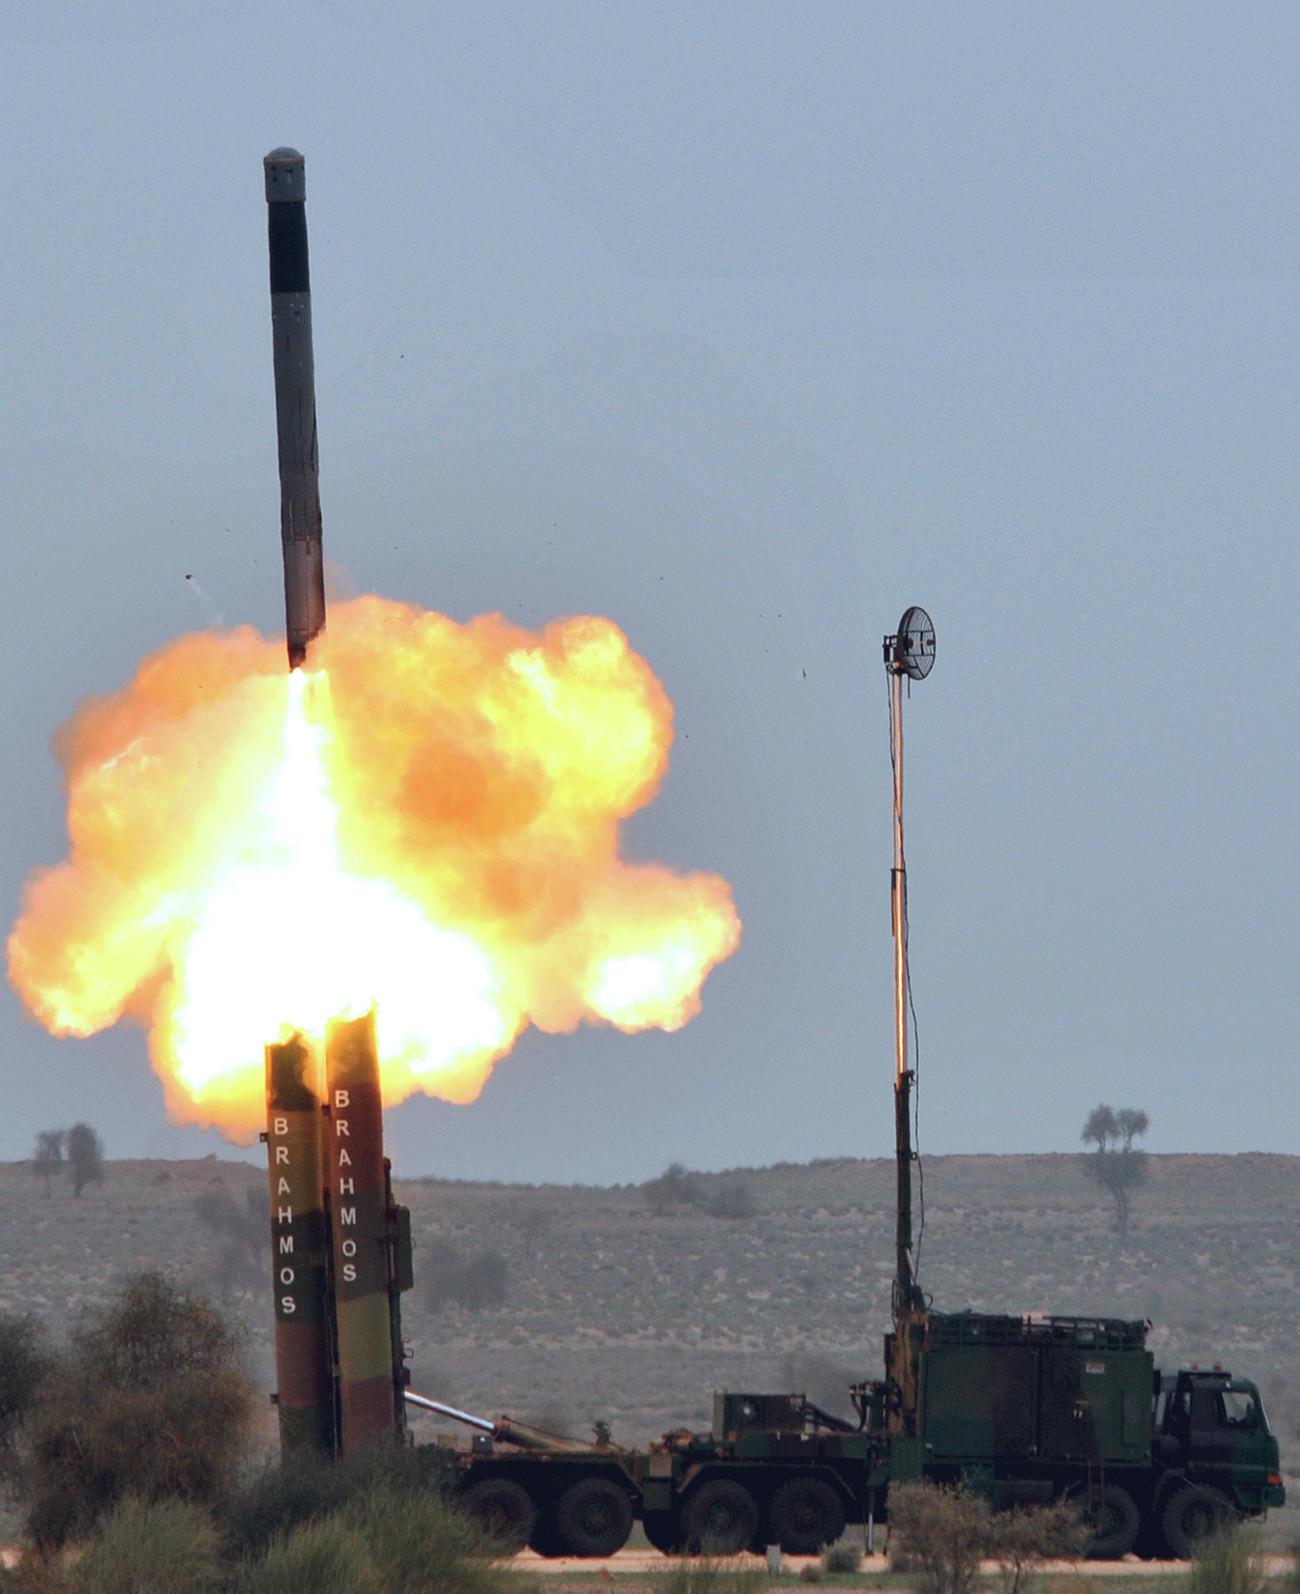 Ovu fotografiju je objavio informativni ured indijskog tiska 4. ožujka 2012. godine. Indijska vojska na nepoznatom mjestu demonstrira lansiranje rakete